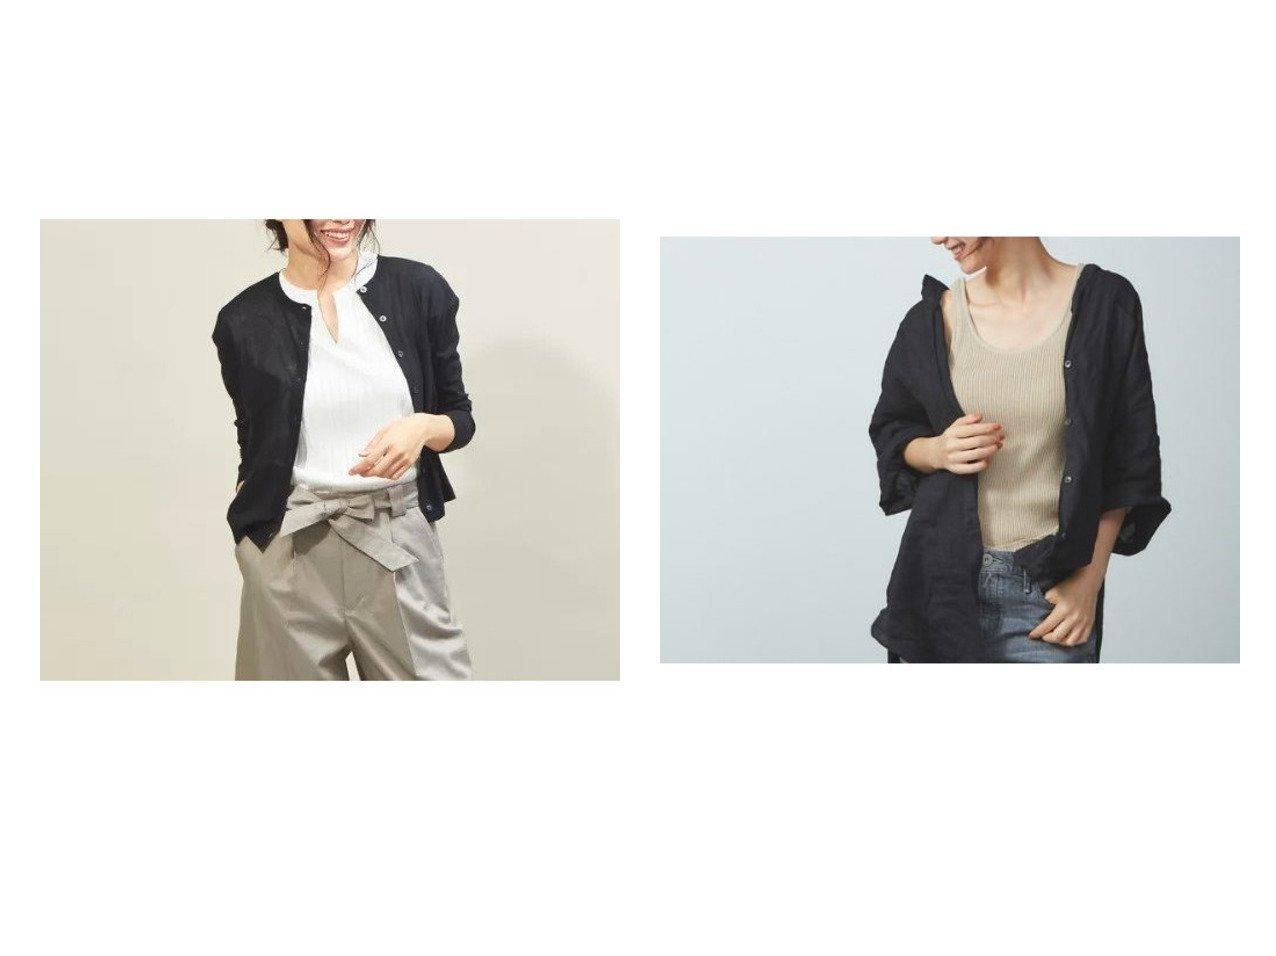 【qualite/カリテ】のドライフライスショートカーディガン&【Rouge vif/ルージュ ヴィフ】の【JILKY】リブ編みタンクトップ トップス・カットソーのおすすめ!人気、トレンド・レディースファッションの通販 おすすめで人気の流行・トレンド、ファッションの通販商品 メンズファッション・キッズファッション・インテリア・家具・レディースファッション・服の通販 founy(ファニー) https://founy.com/ ファッション Fashion レディースファッション WOMEN トップス Tops Tshirt カーディガン Cardigans シャツ/ブラウス Shirts Blouses ロング / Tシャツ T-Shirts カットソー Cut and Sewn キャミソール / ノースリーブ No Sleeves カットソー カーディガン サンダル ショート シンプル スタイリッシュ プリーツ ボックス リゾート 春 Spring キャミソール ショルダー ストレッチ タンク フィット |ID:crp329100000012002